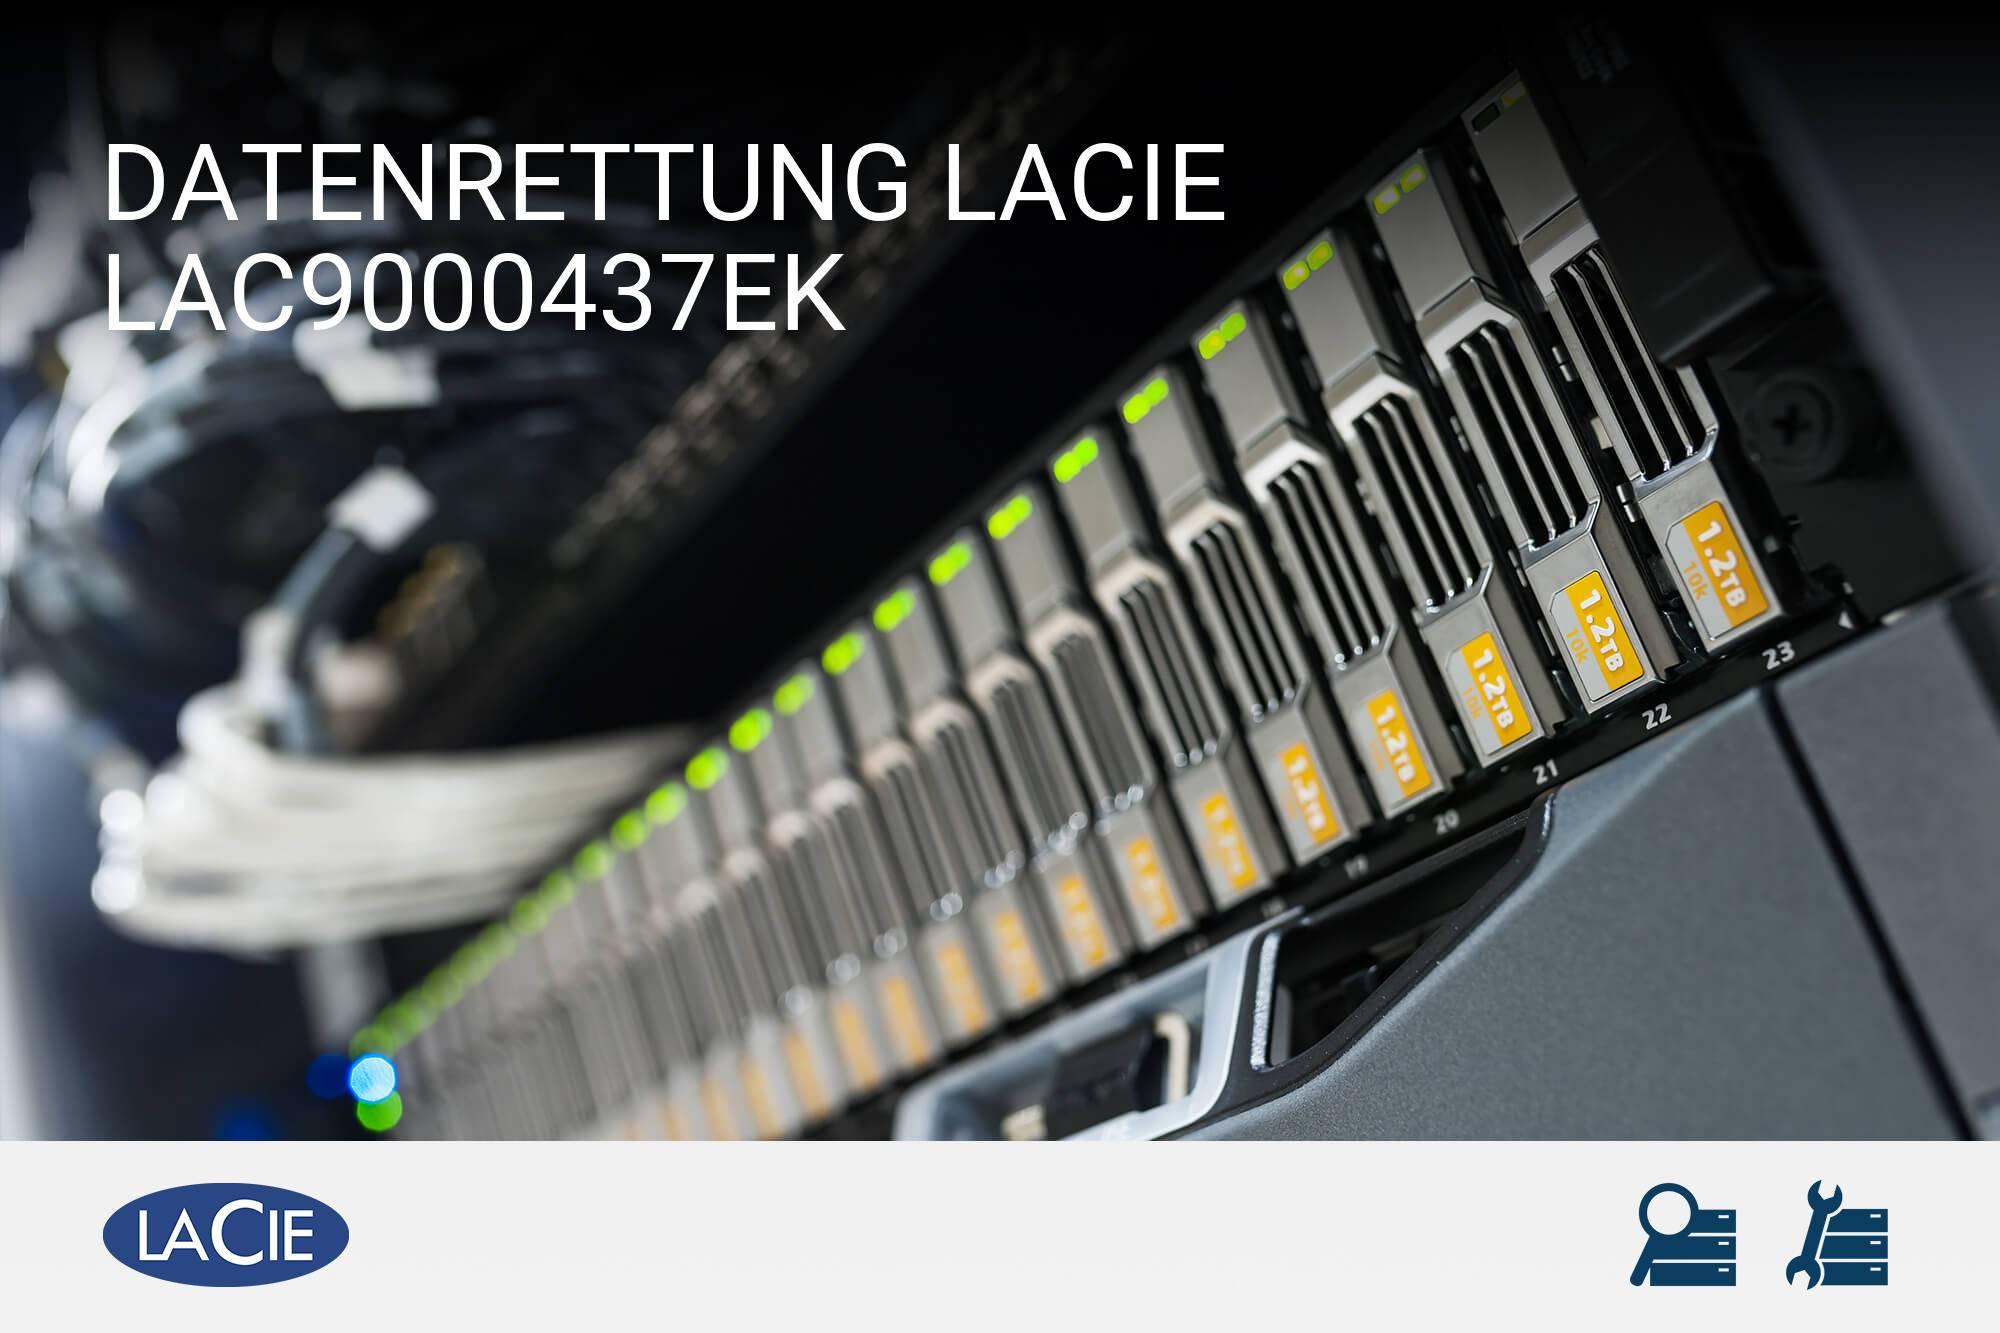 LaCie LAC9000437EK